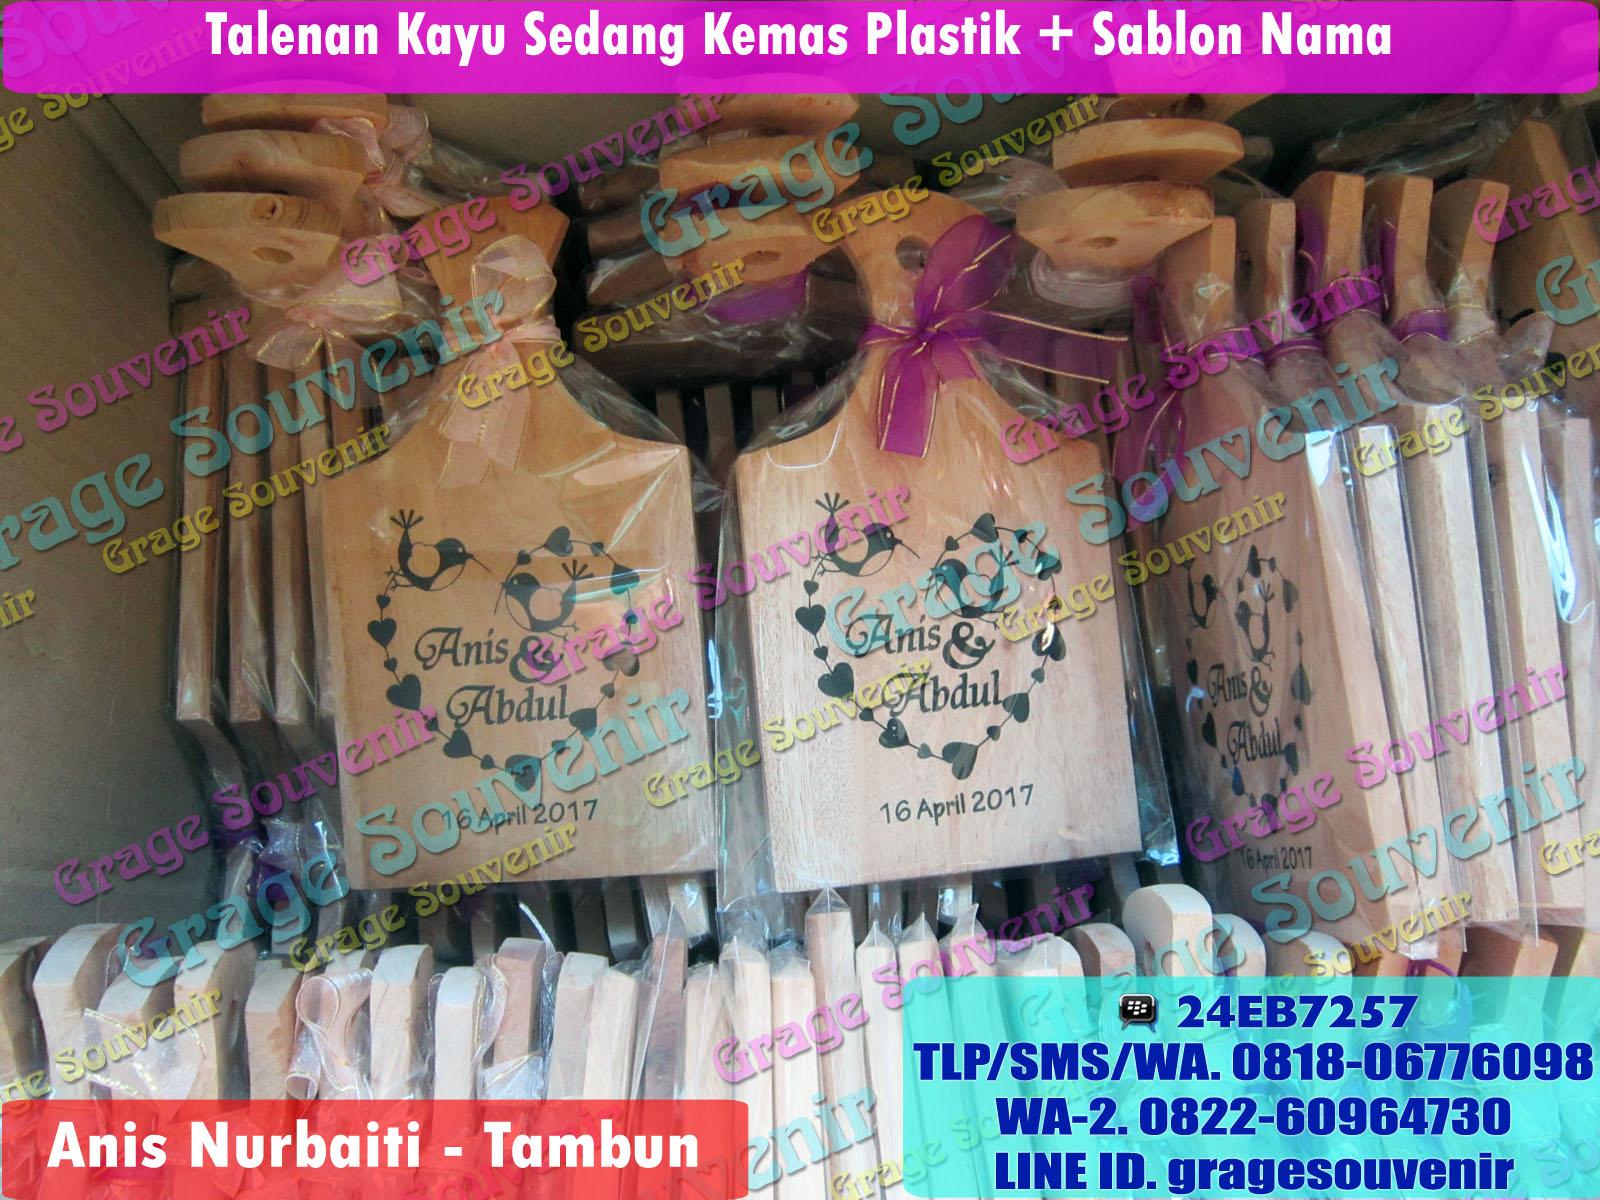 Jual Souvenir Pernikahan Bekasi - Tambun, Talenan Kayu sedang kemas plastik